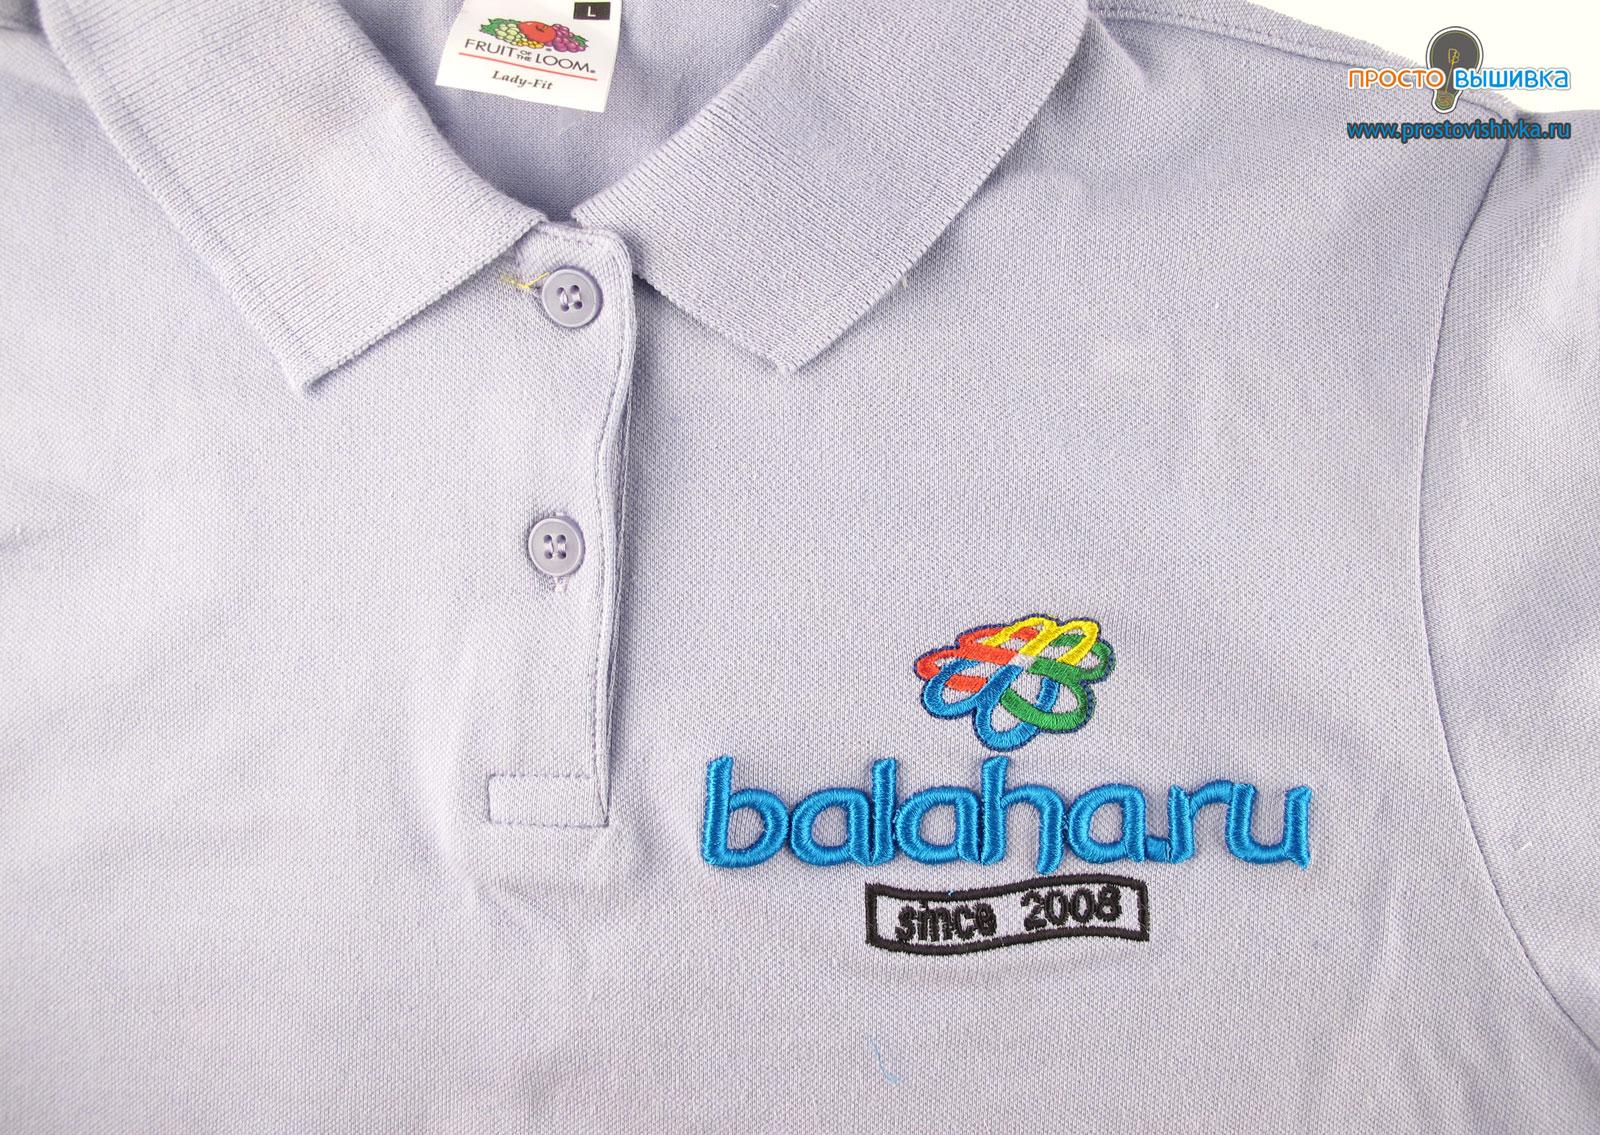 Вышивка на рубашке поло логотип